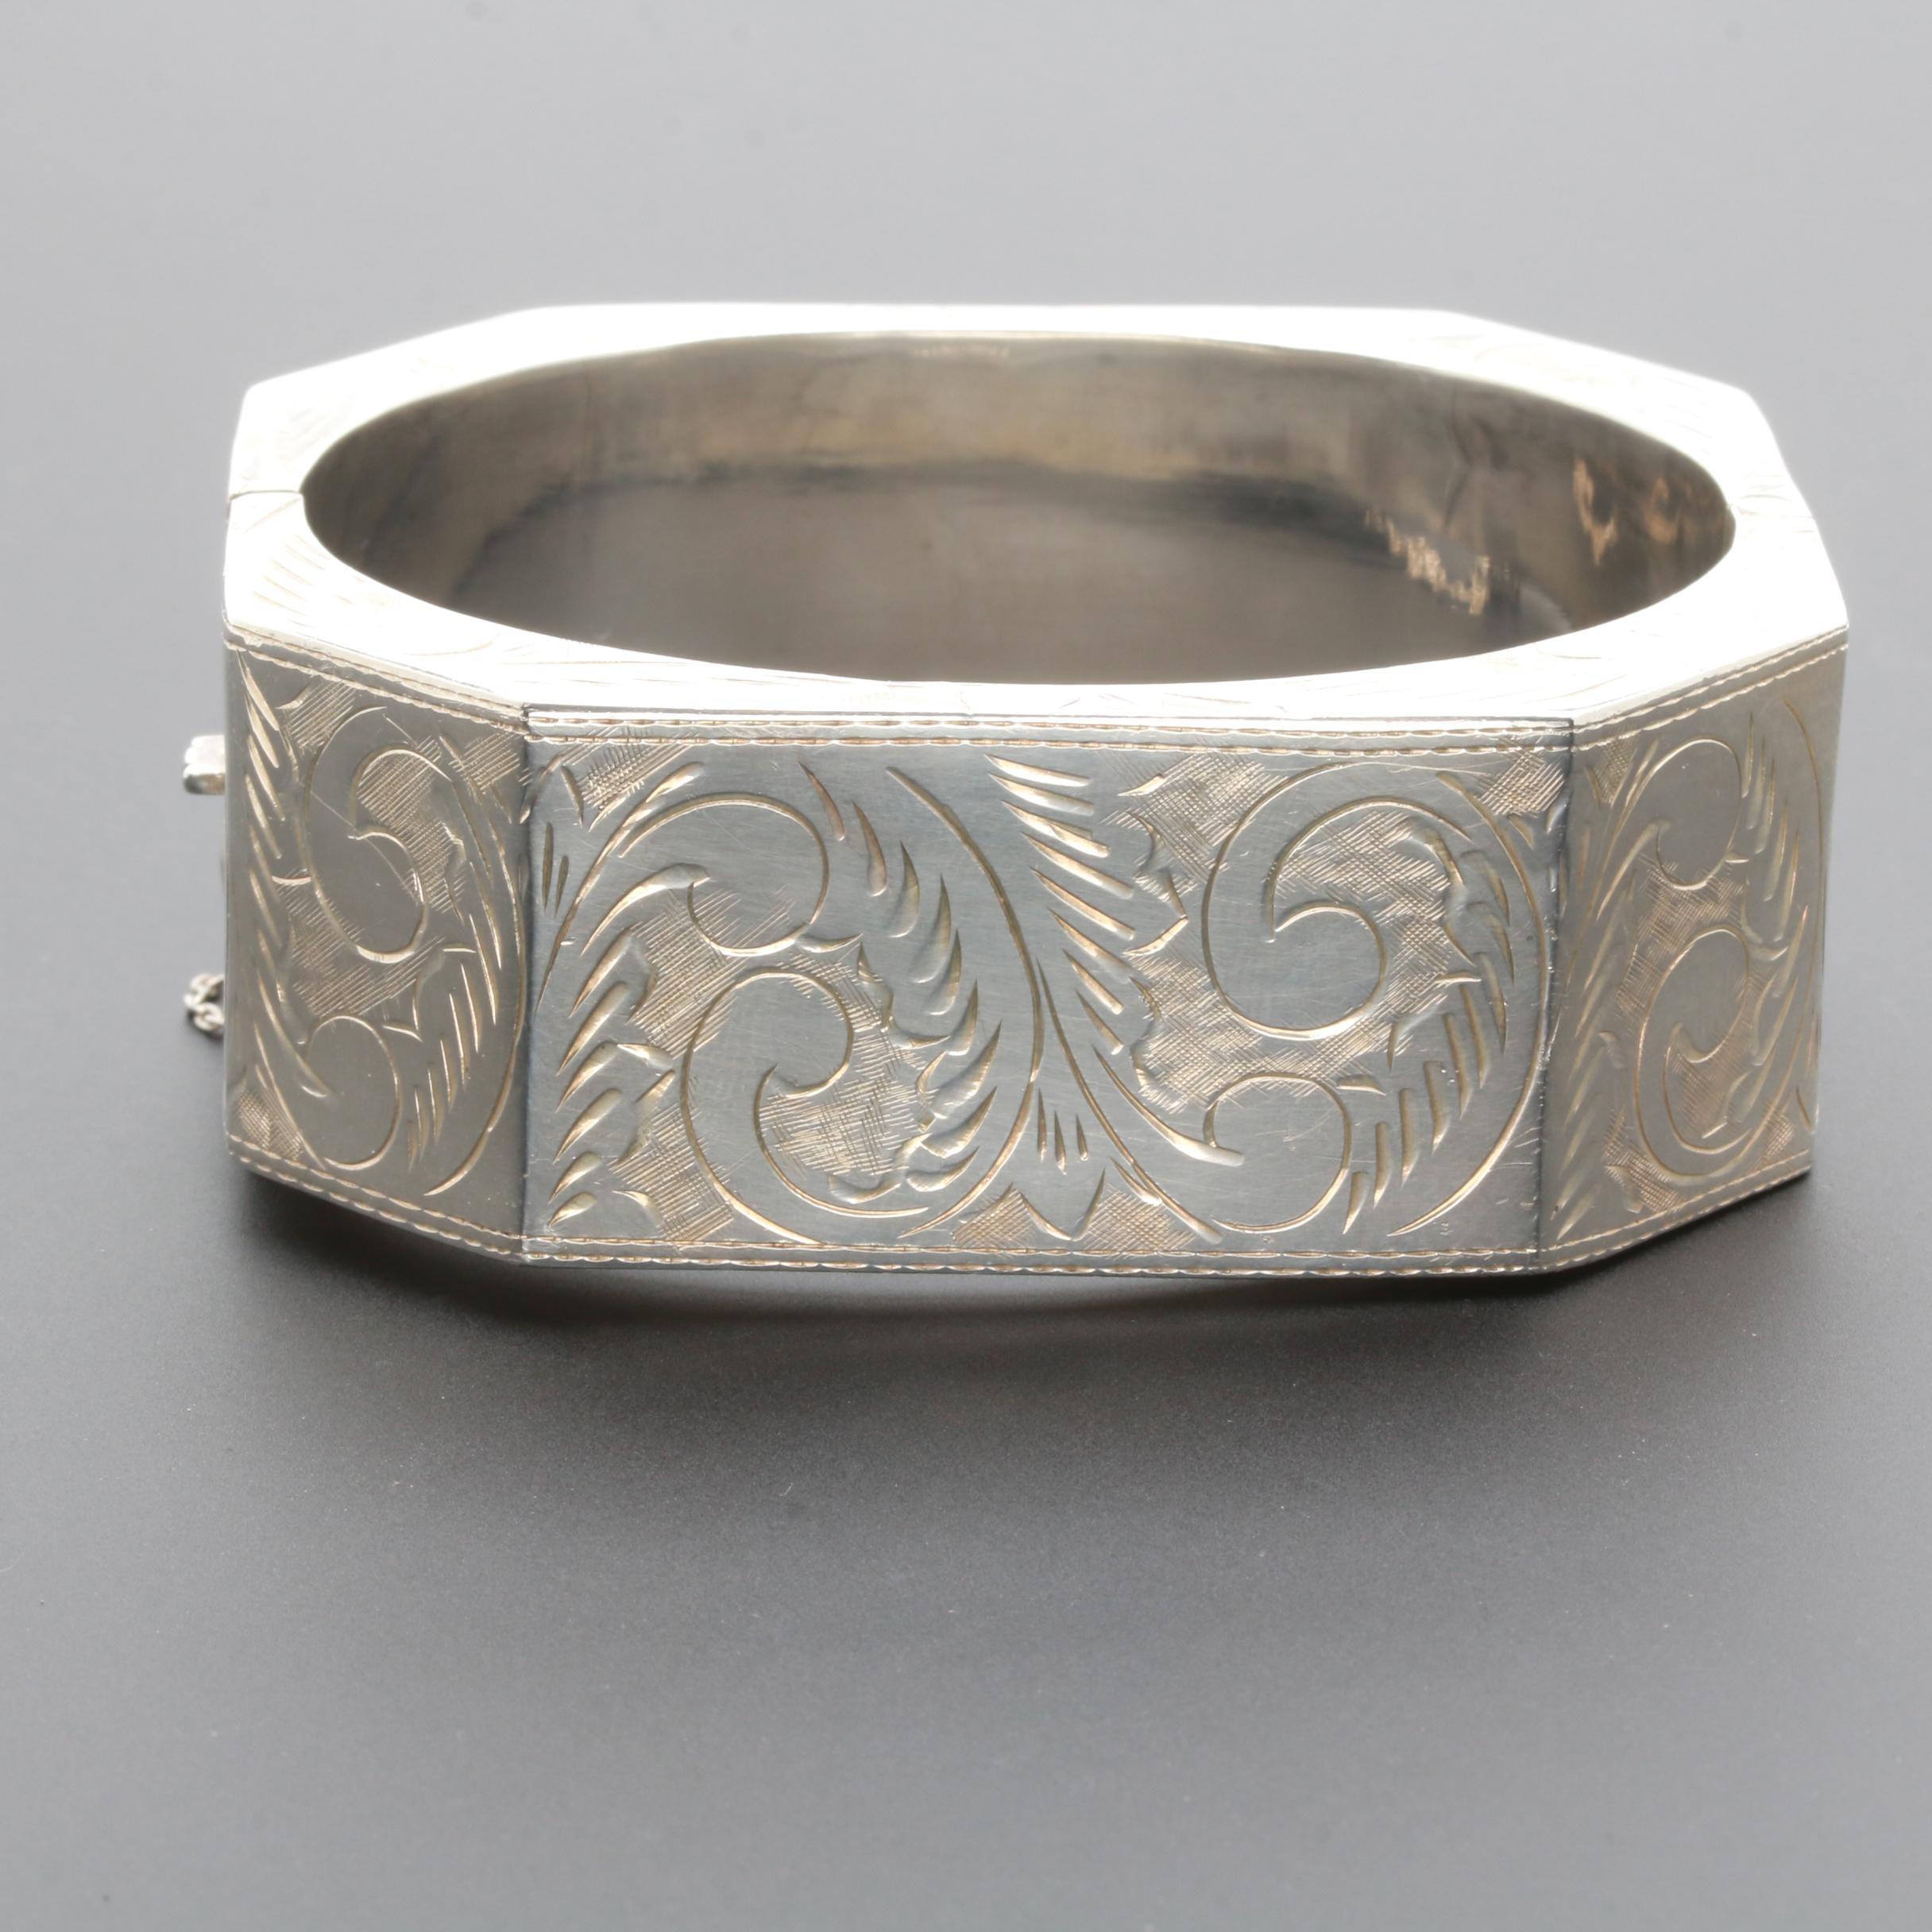 Sterling Silver Hexagonal Hinged Bangle Bracelet